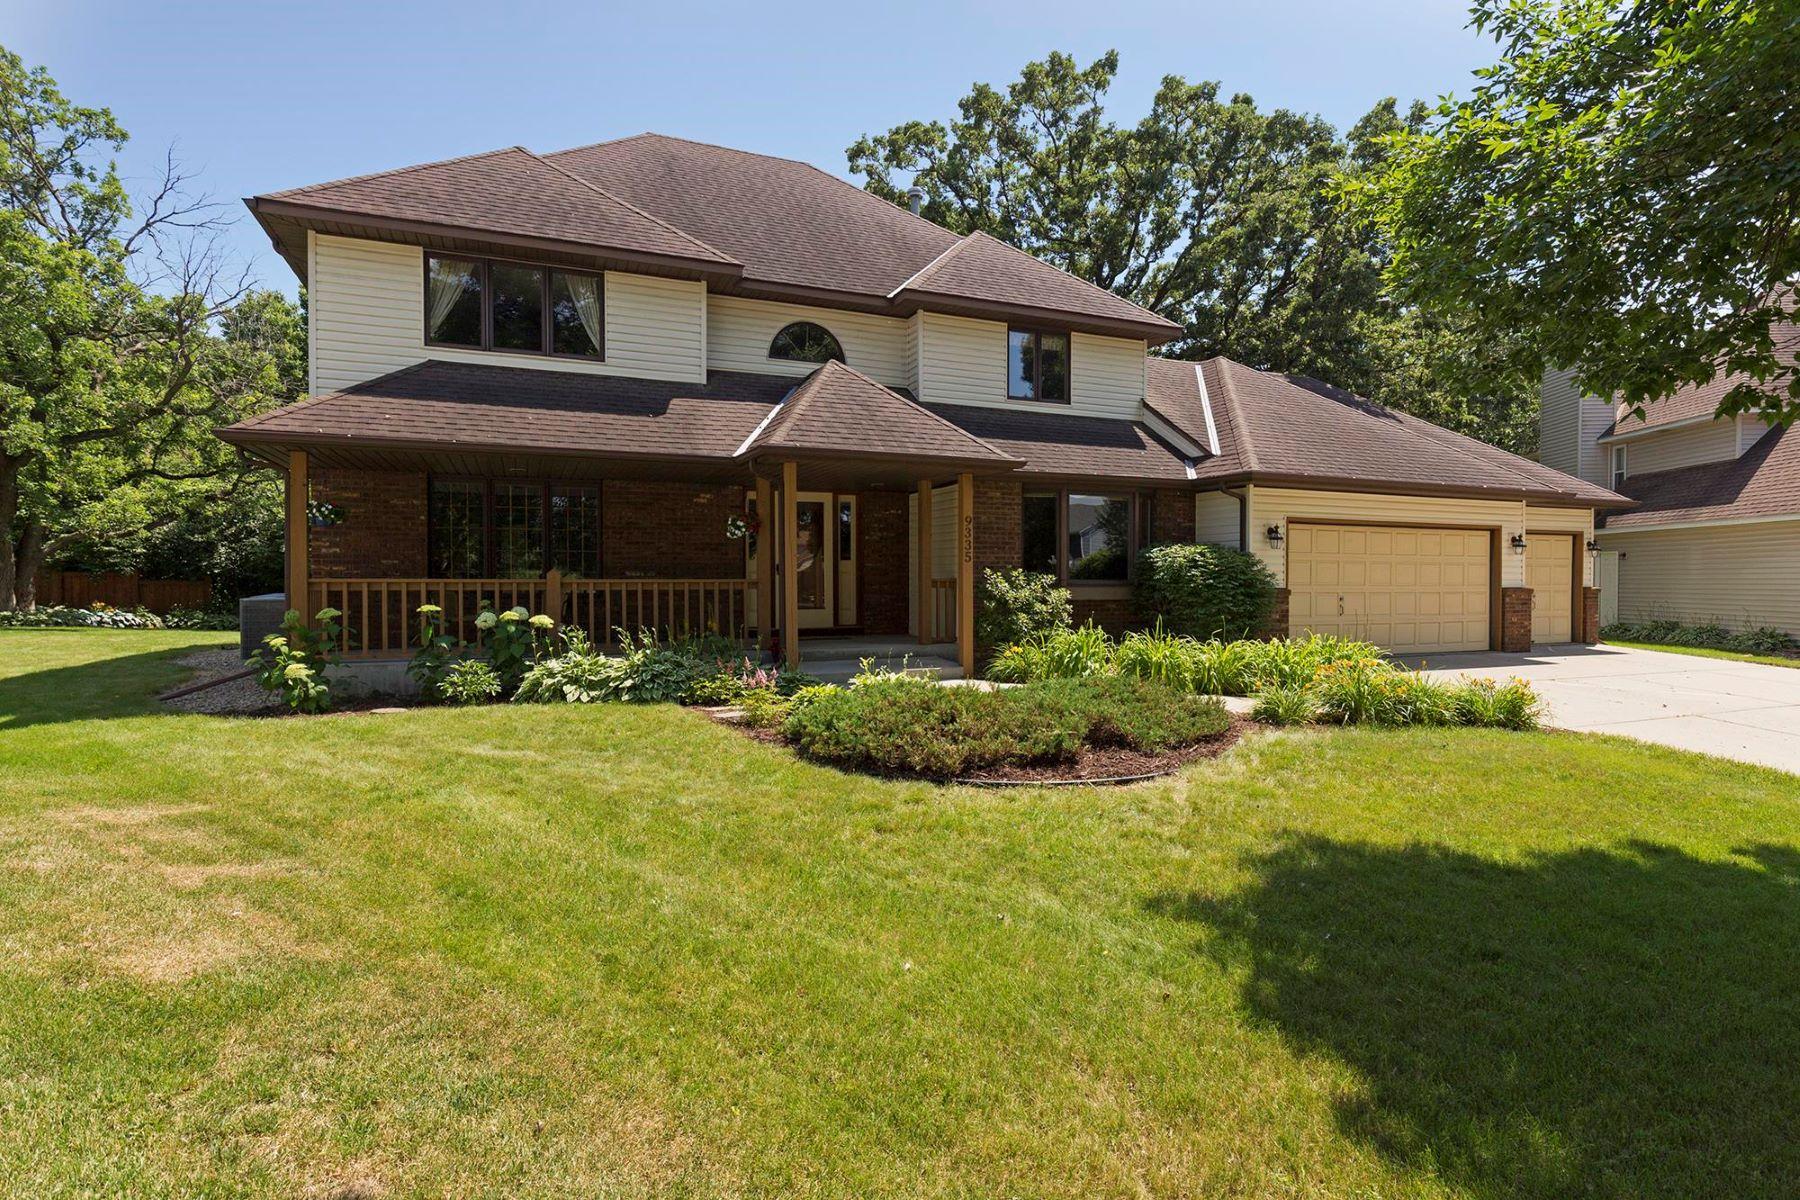 Casa Unifamiliar por un Venta en 9335 Hillside Trail S Cottage Grove, Minnesota, 55016 Estados Unidos